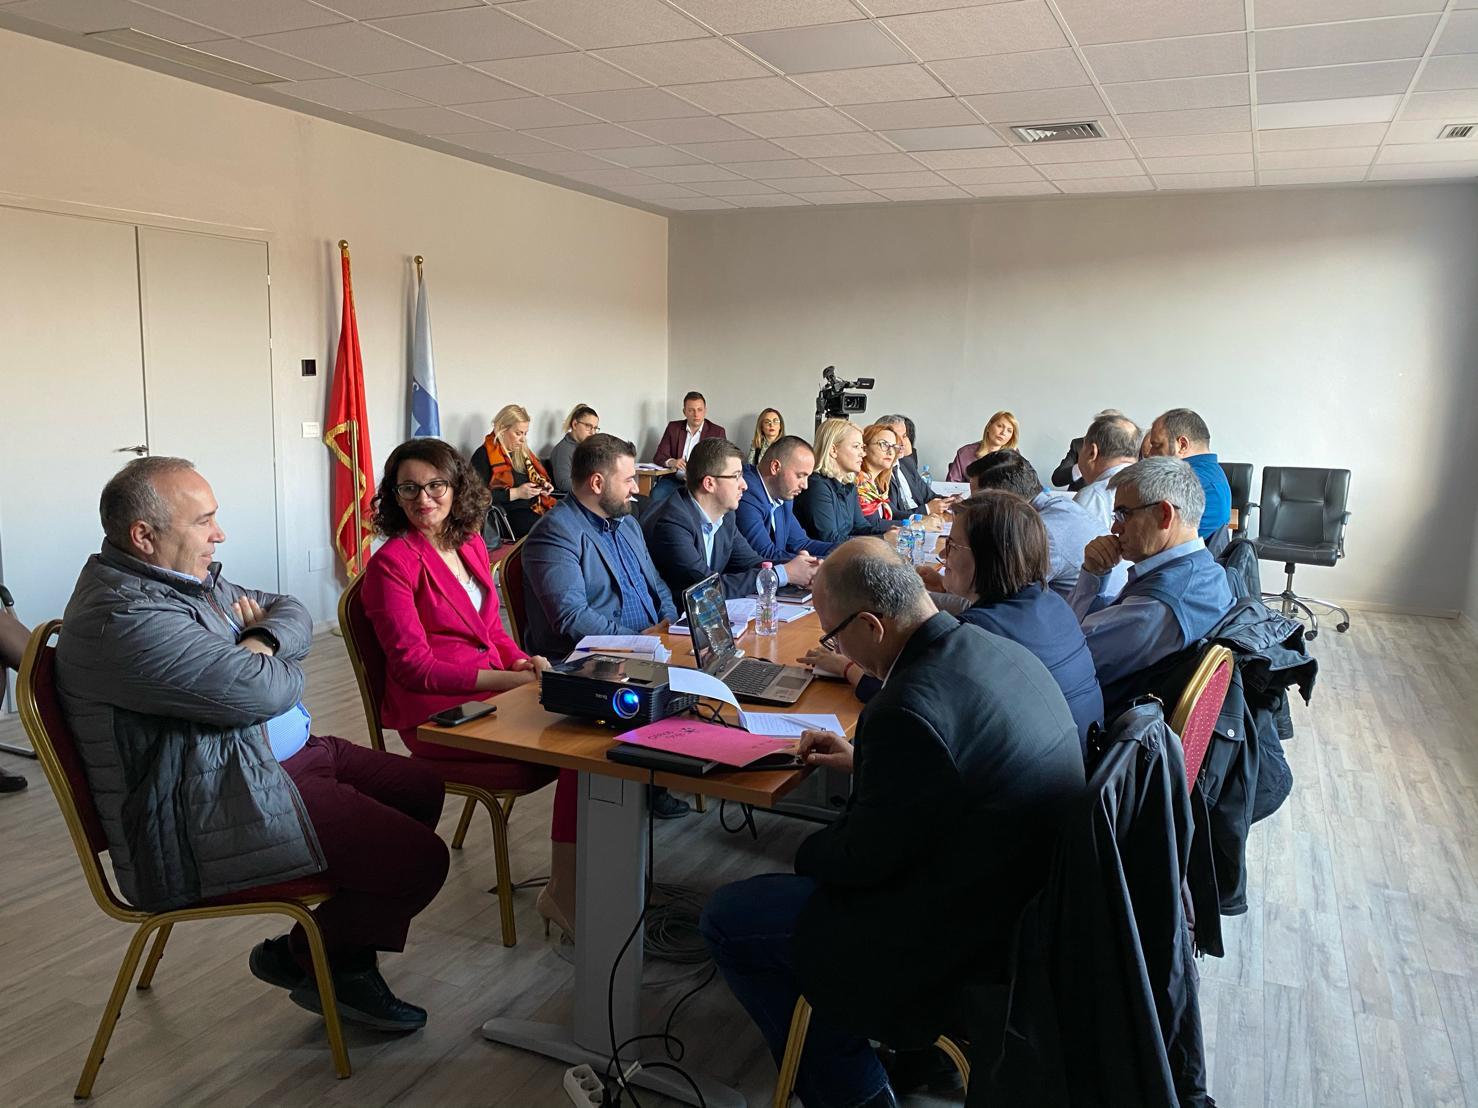 """""""Në Datën 19.02.2020 u zhvillua në ambientet e ERE-s seanca dëgjimore mes përfaqësuesve të Shoqata e Mbrojtjes së Konsumatorit, Zyra për Mbrojtjen e Konsumatorit, Shoqata e Invalidëve të Punës, Avokati i Popullit, MIE, Autoriteti i Konkurencës, FSHU dhe ERE për të diskutuar mbi proçesin e shqyrtimit të aplikimit të FSHU, për përcaktimin e çmimit të shitjes me pakicë për klientët që shërbehen nga Furnizuesi i Shërbimit Universal për vitin 2020"""